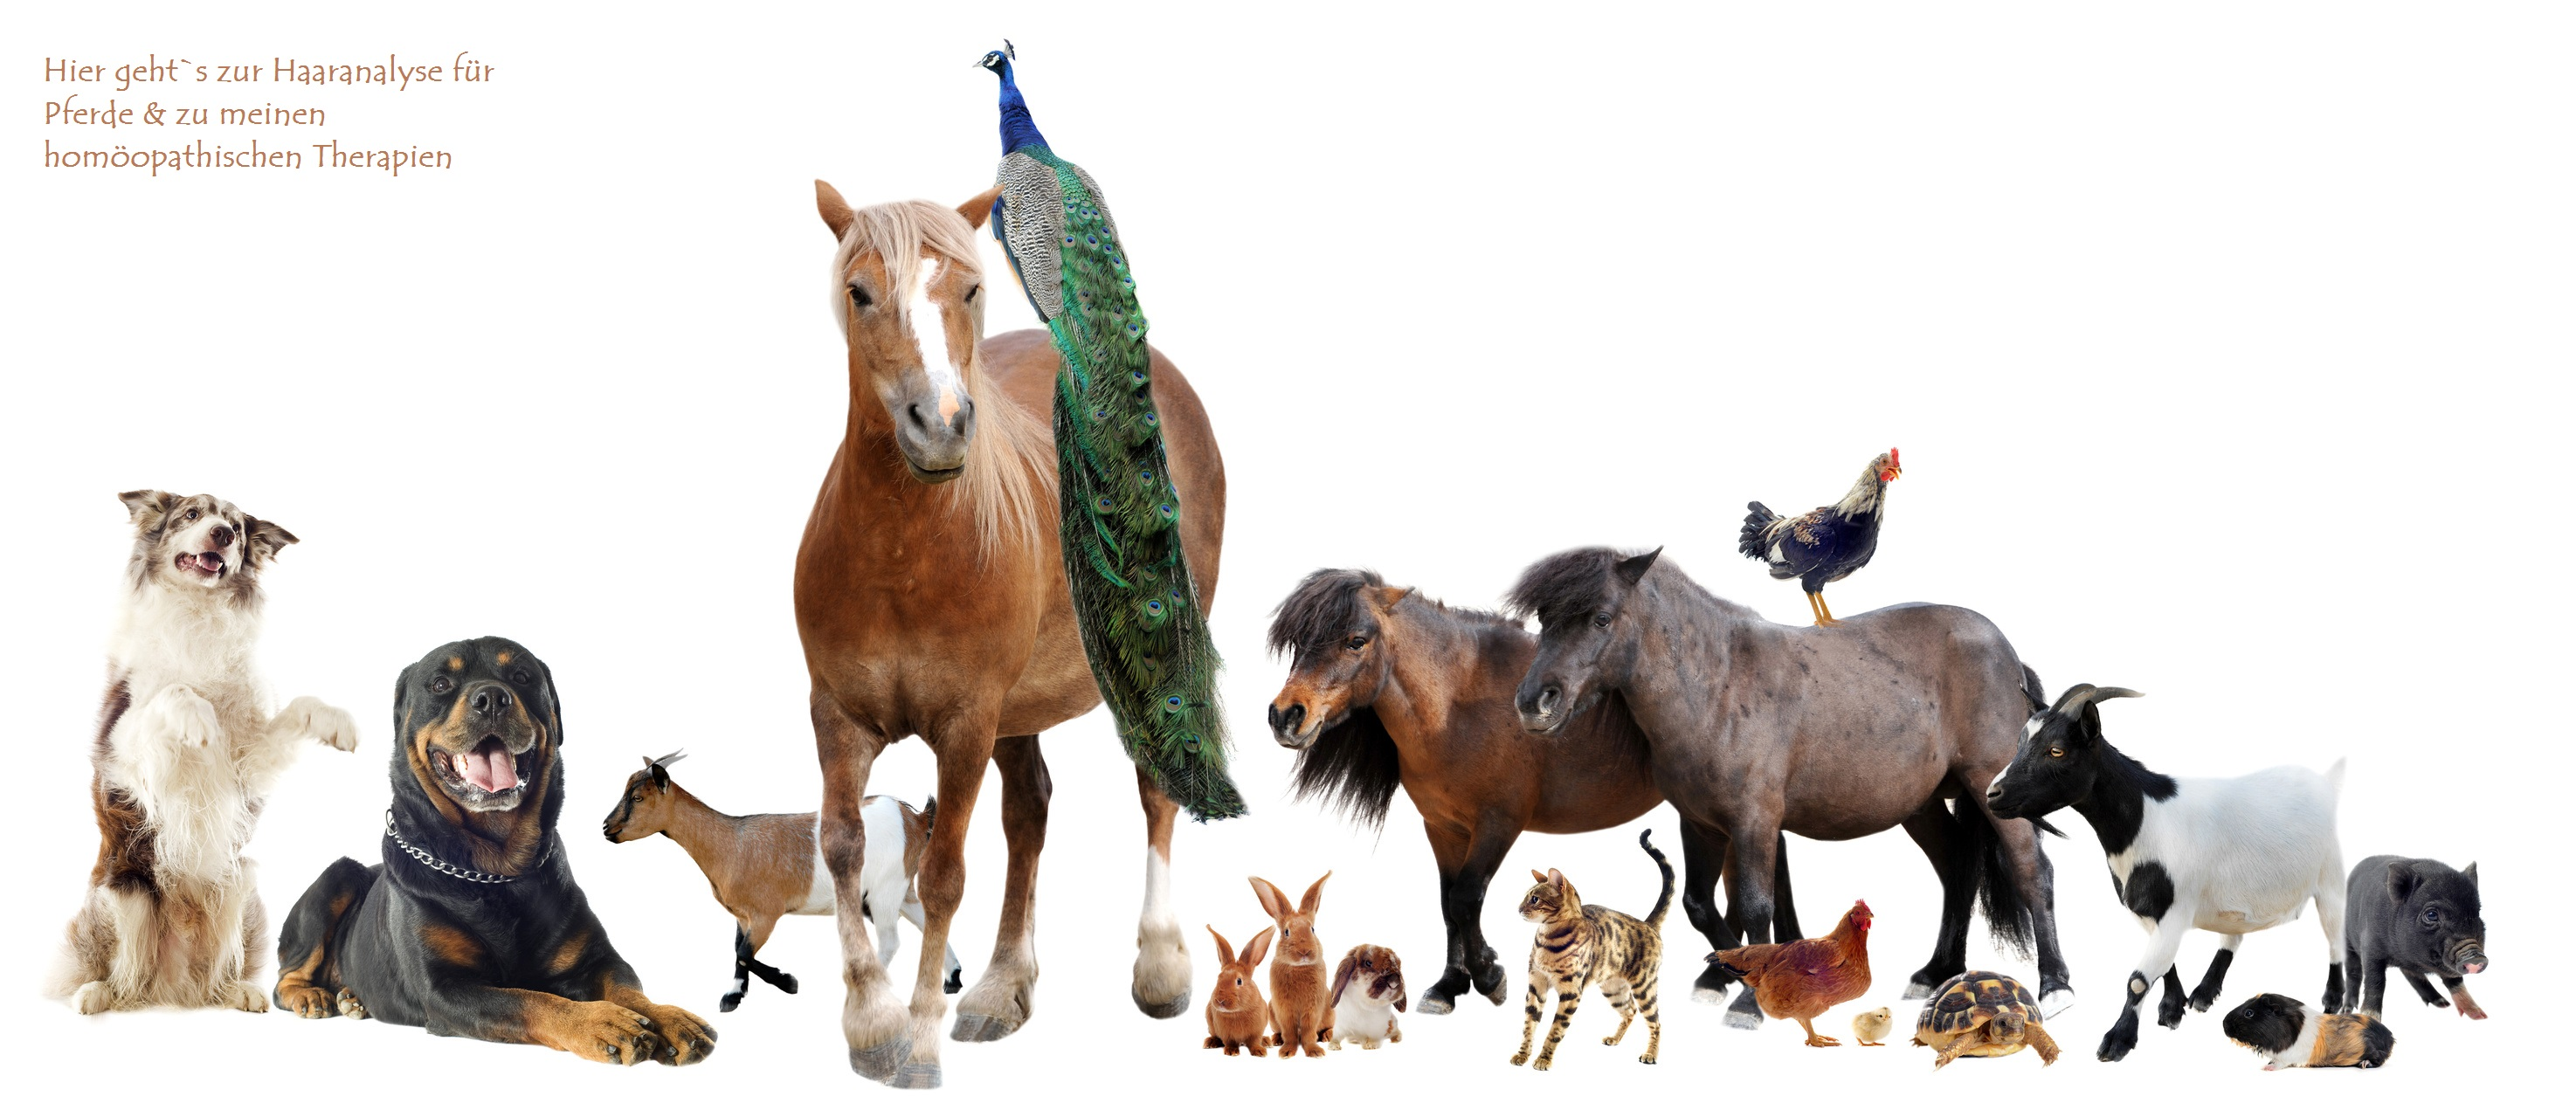 Stoffwechselkrankheiten bei Pferden